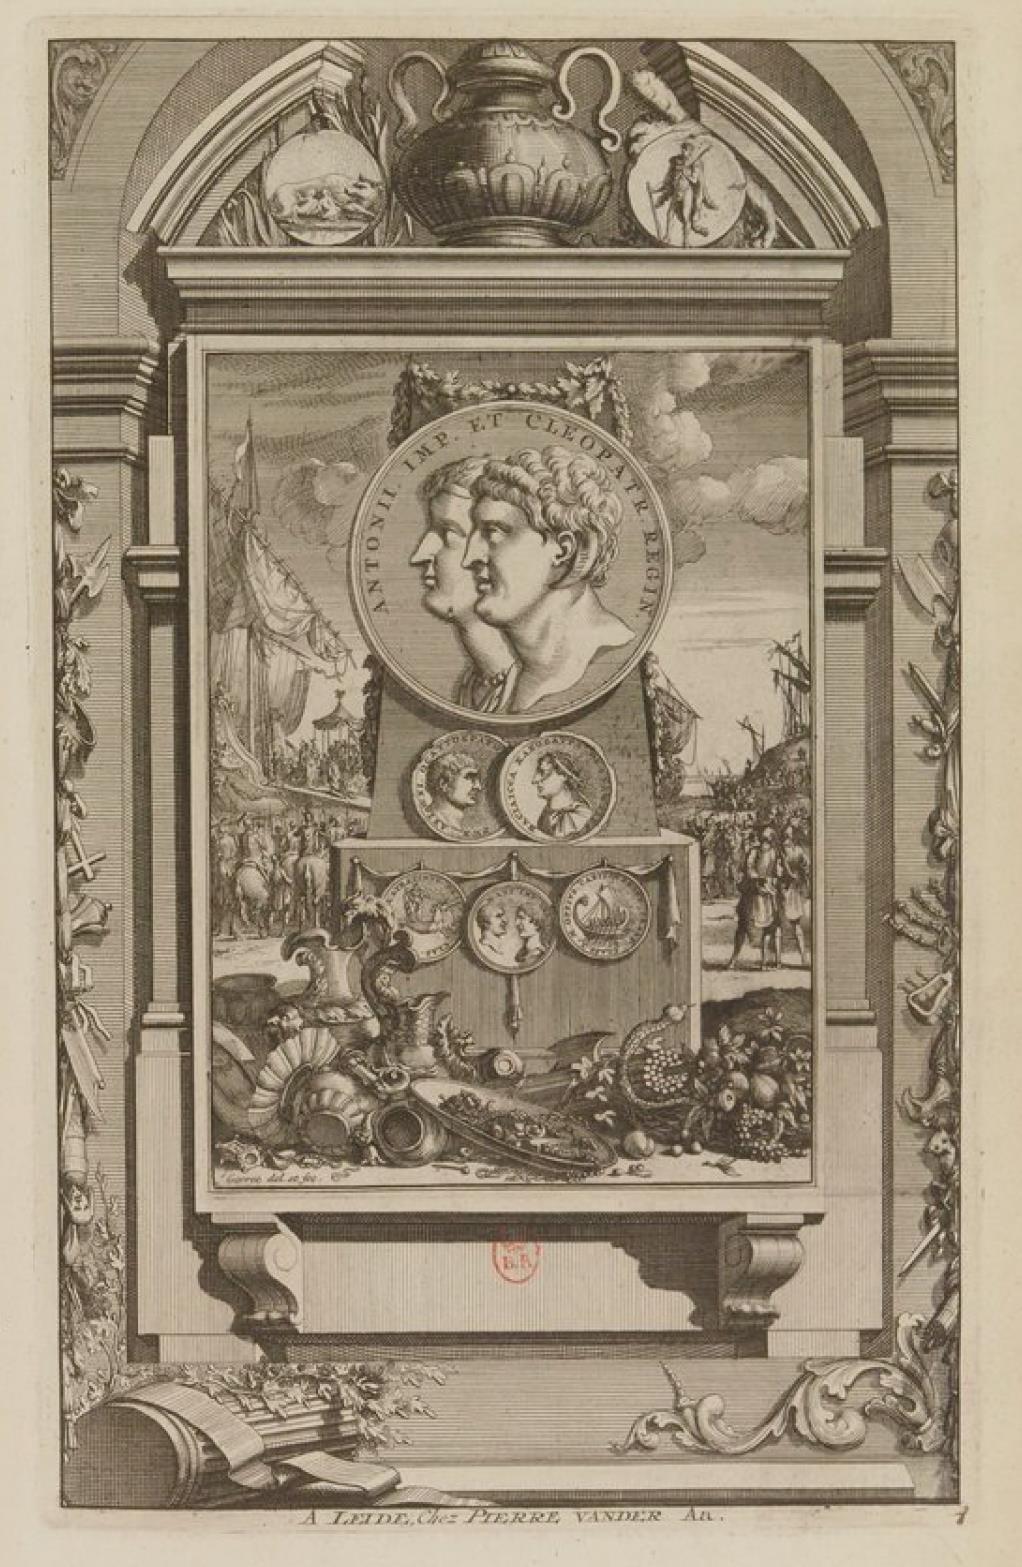 14. Антоний и Клеопатра